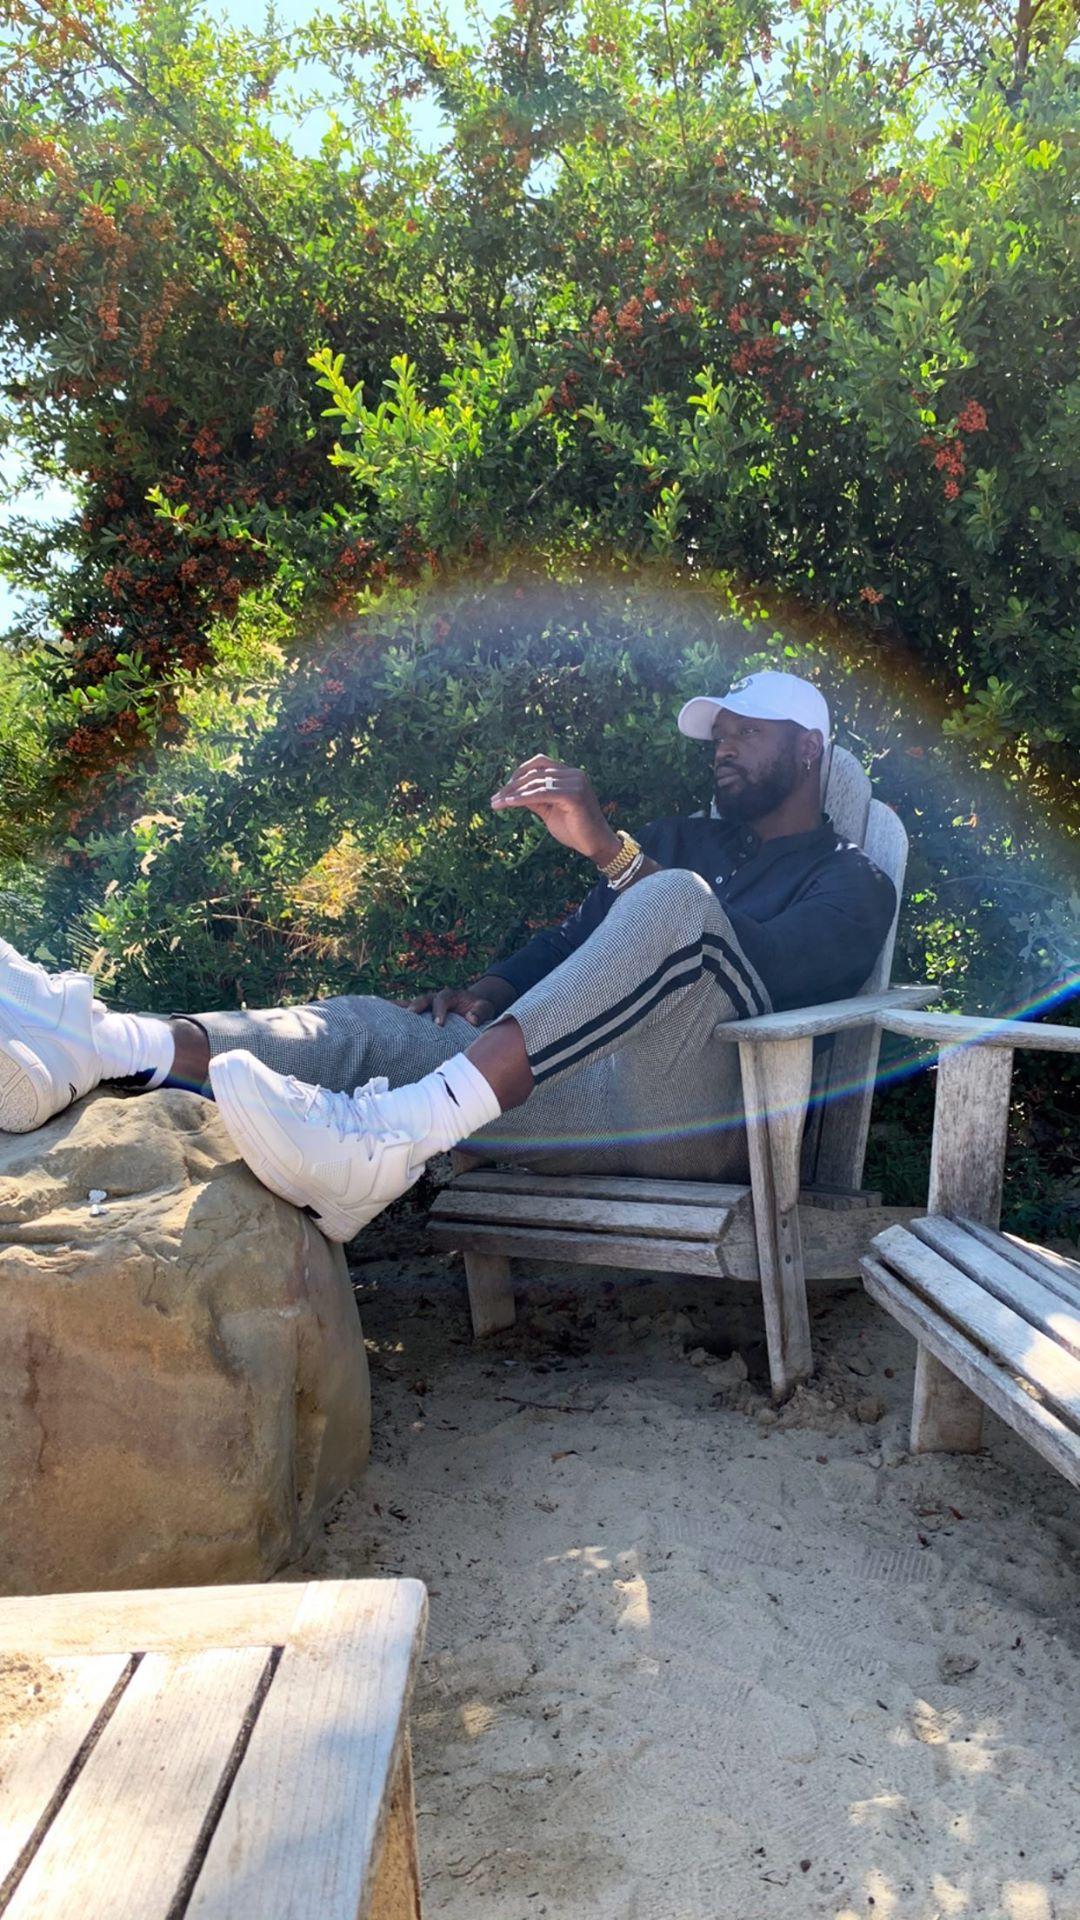 老大lol比赛在哪里可以投注爷的退休生活!韦德晒在野外游玩照片